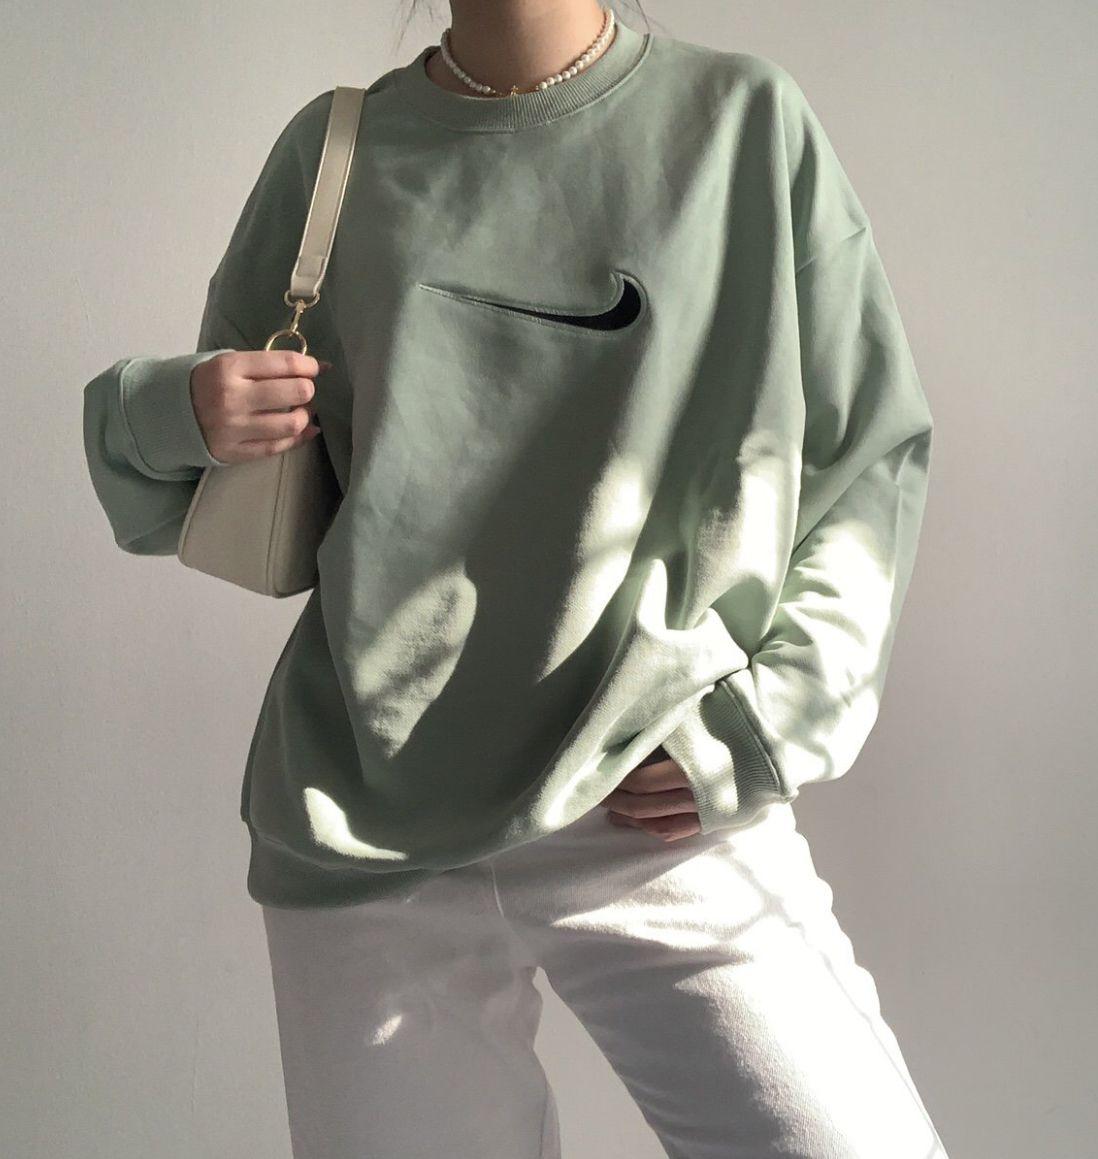 Sage Green Nike Sweatshirt Outfit In 2021 Vintage Nike Sweatshirt Nike Sweatshirt Outfit Nike Vintage Sweatshirt [ 1159 x 1098 Pixel ]